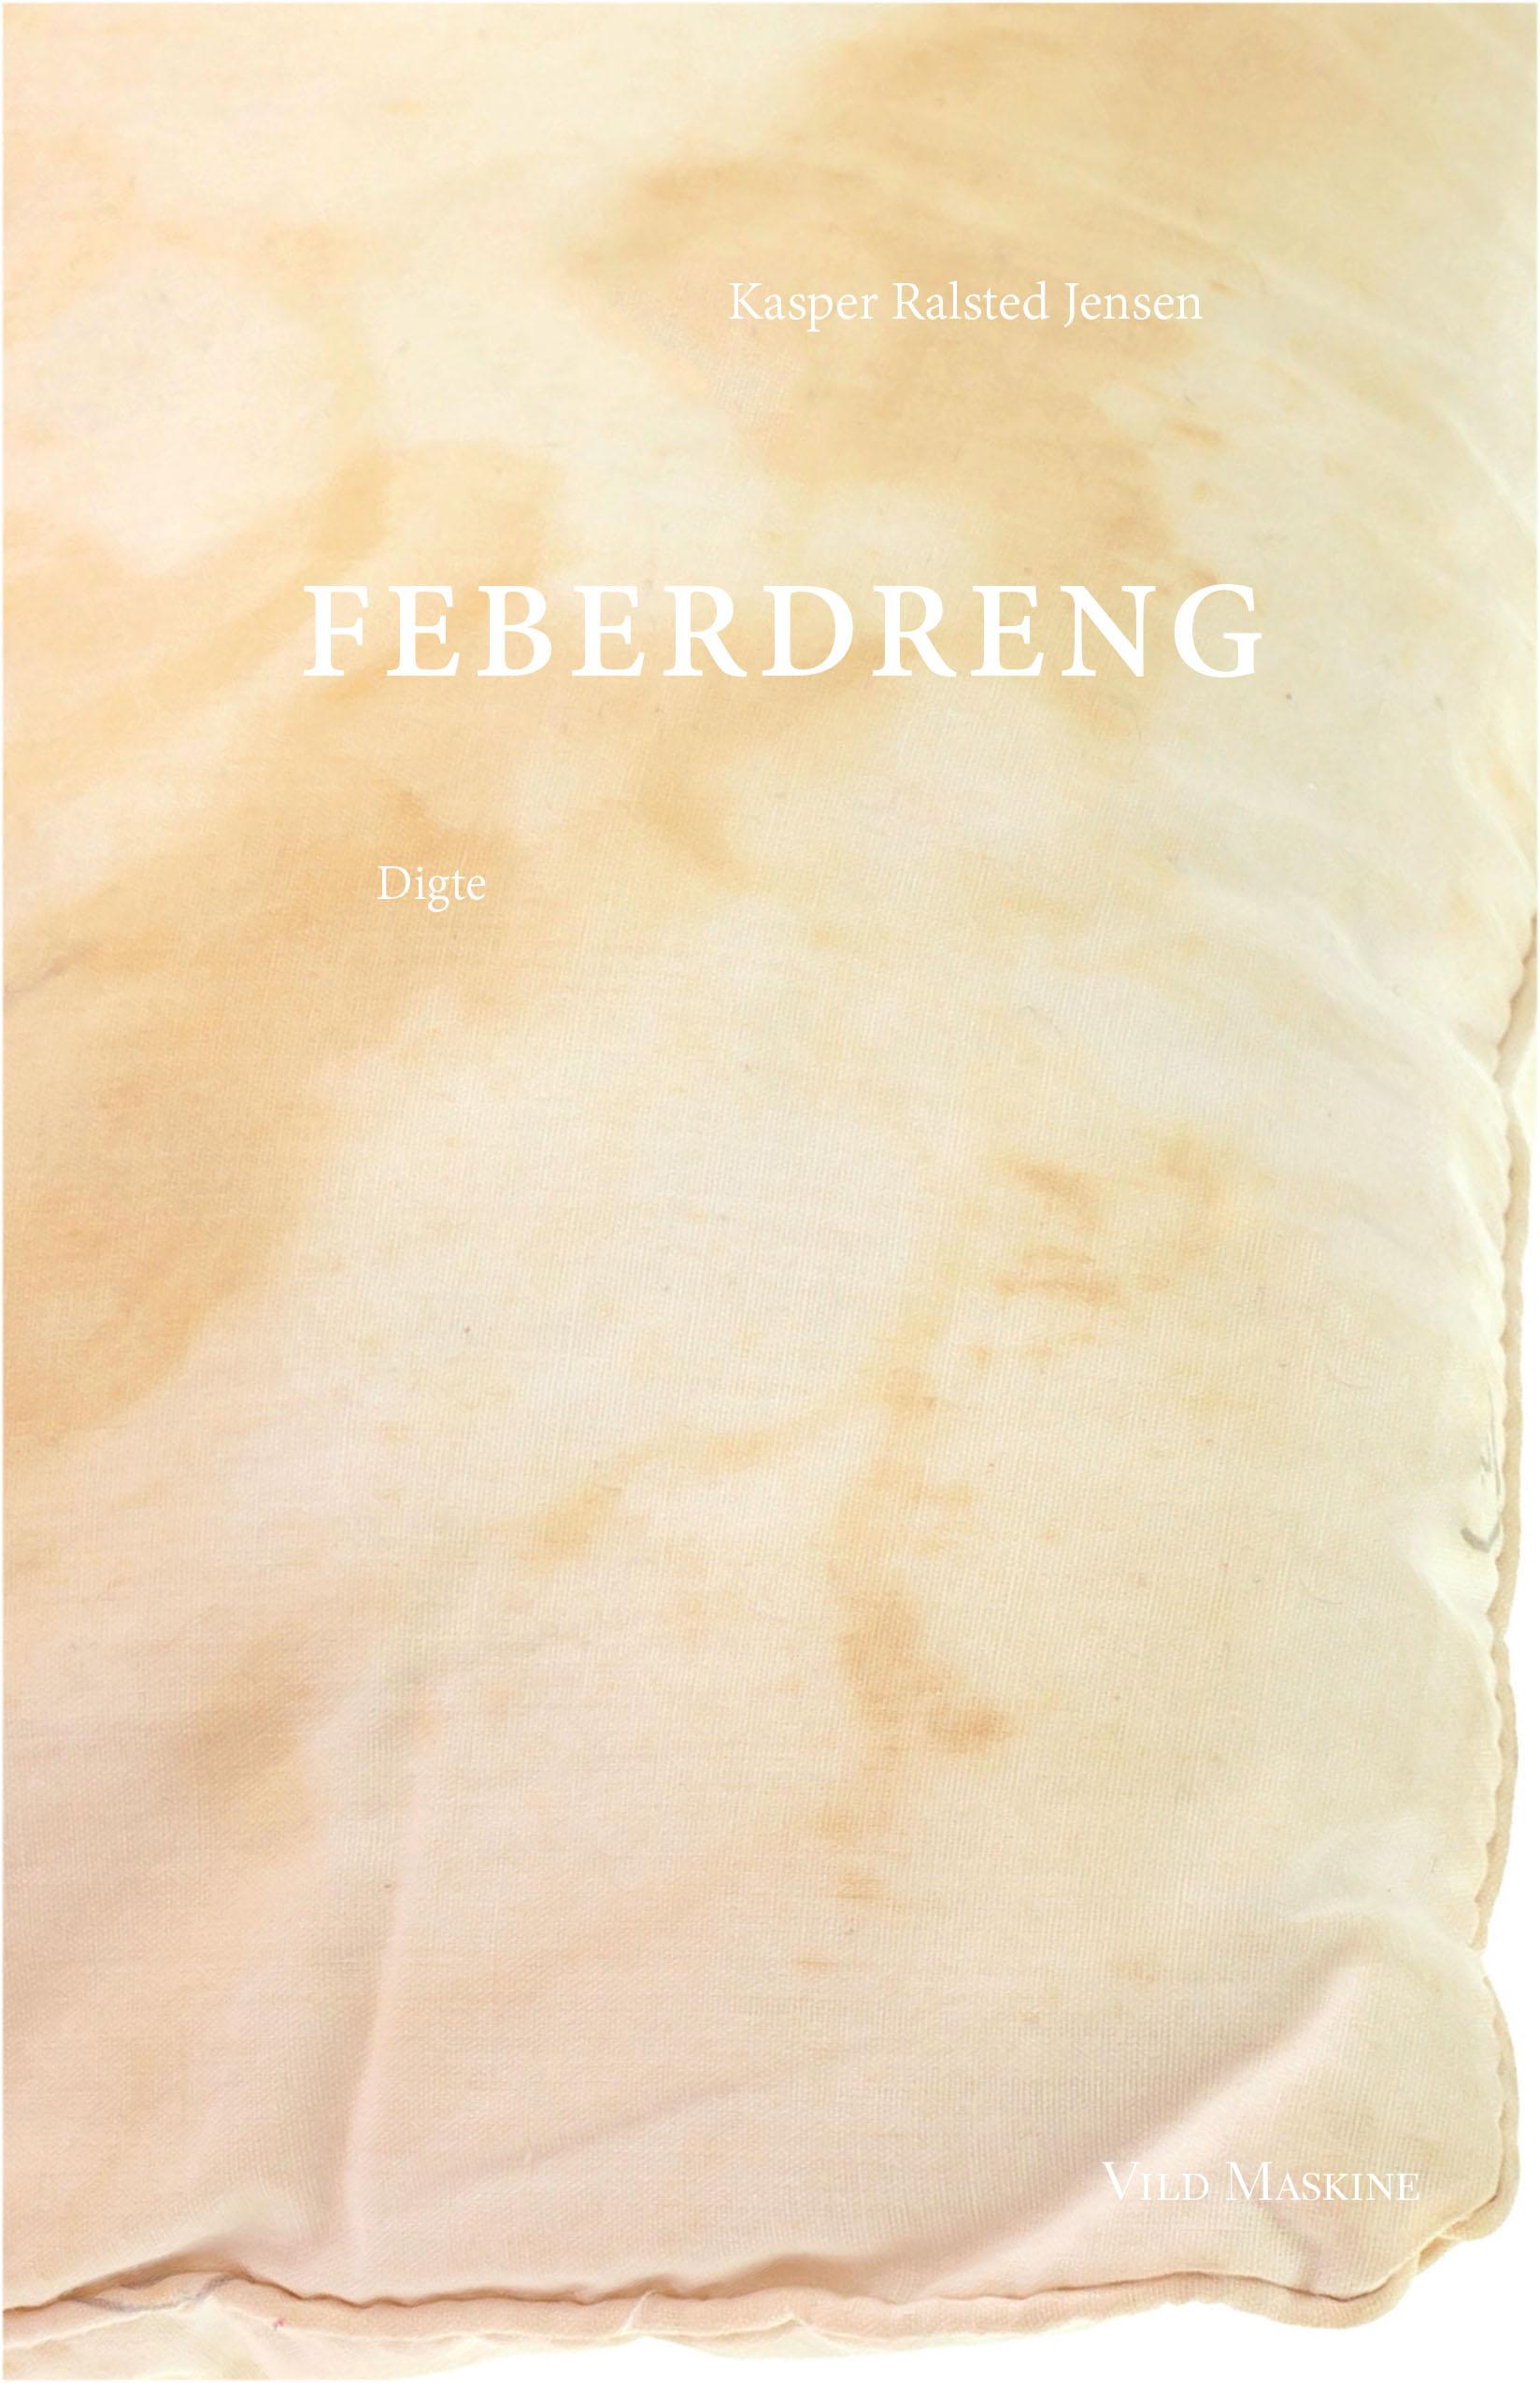 Forside til FEBERDRENG, digtsamling af debutanten Kasper Ralsted Jensen. Udgivelsesdato: 16. juni 2017.